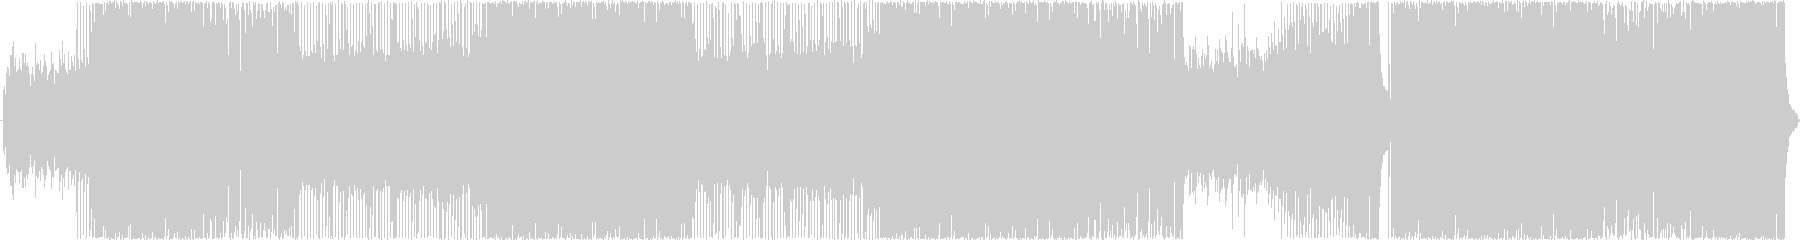 マイナー調のギターロックの未再生の波形